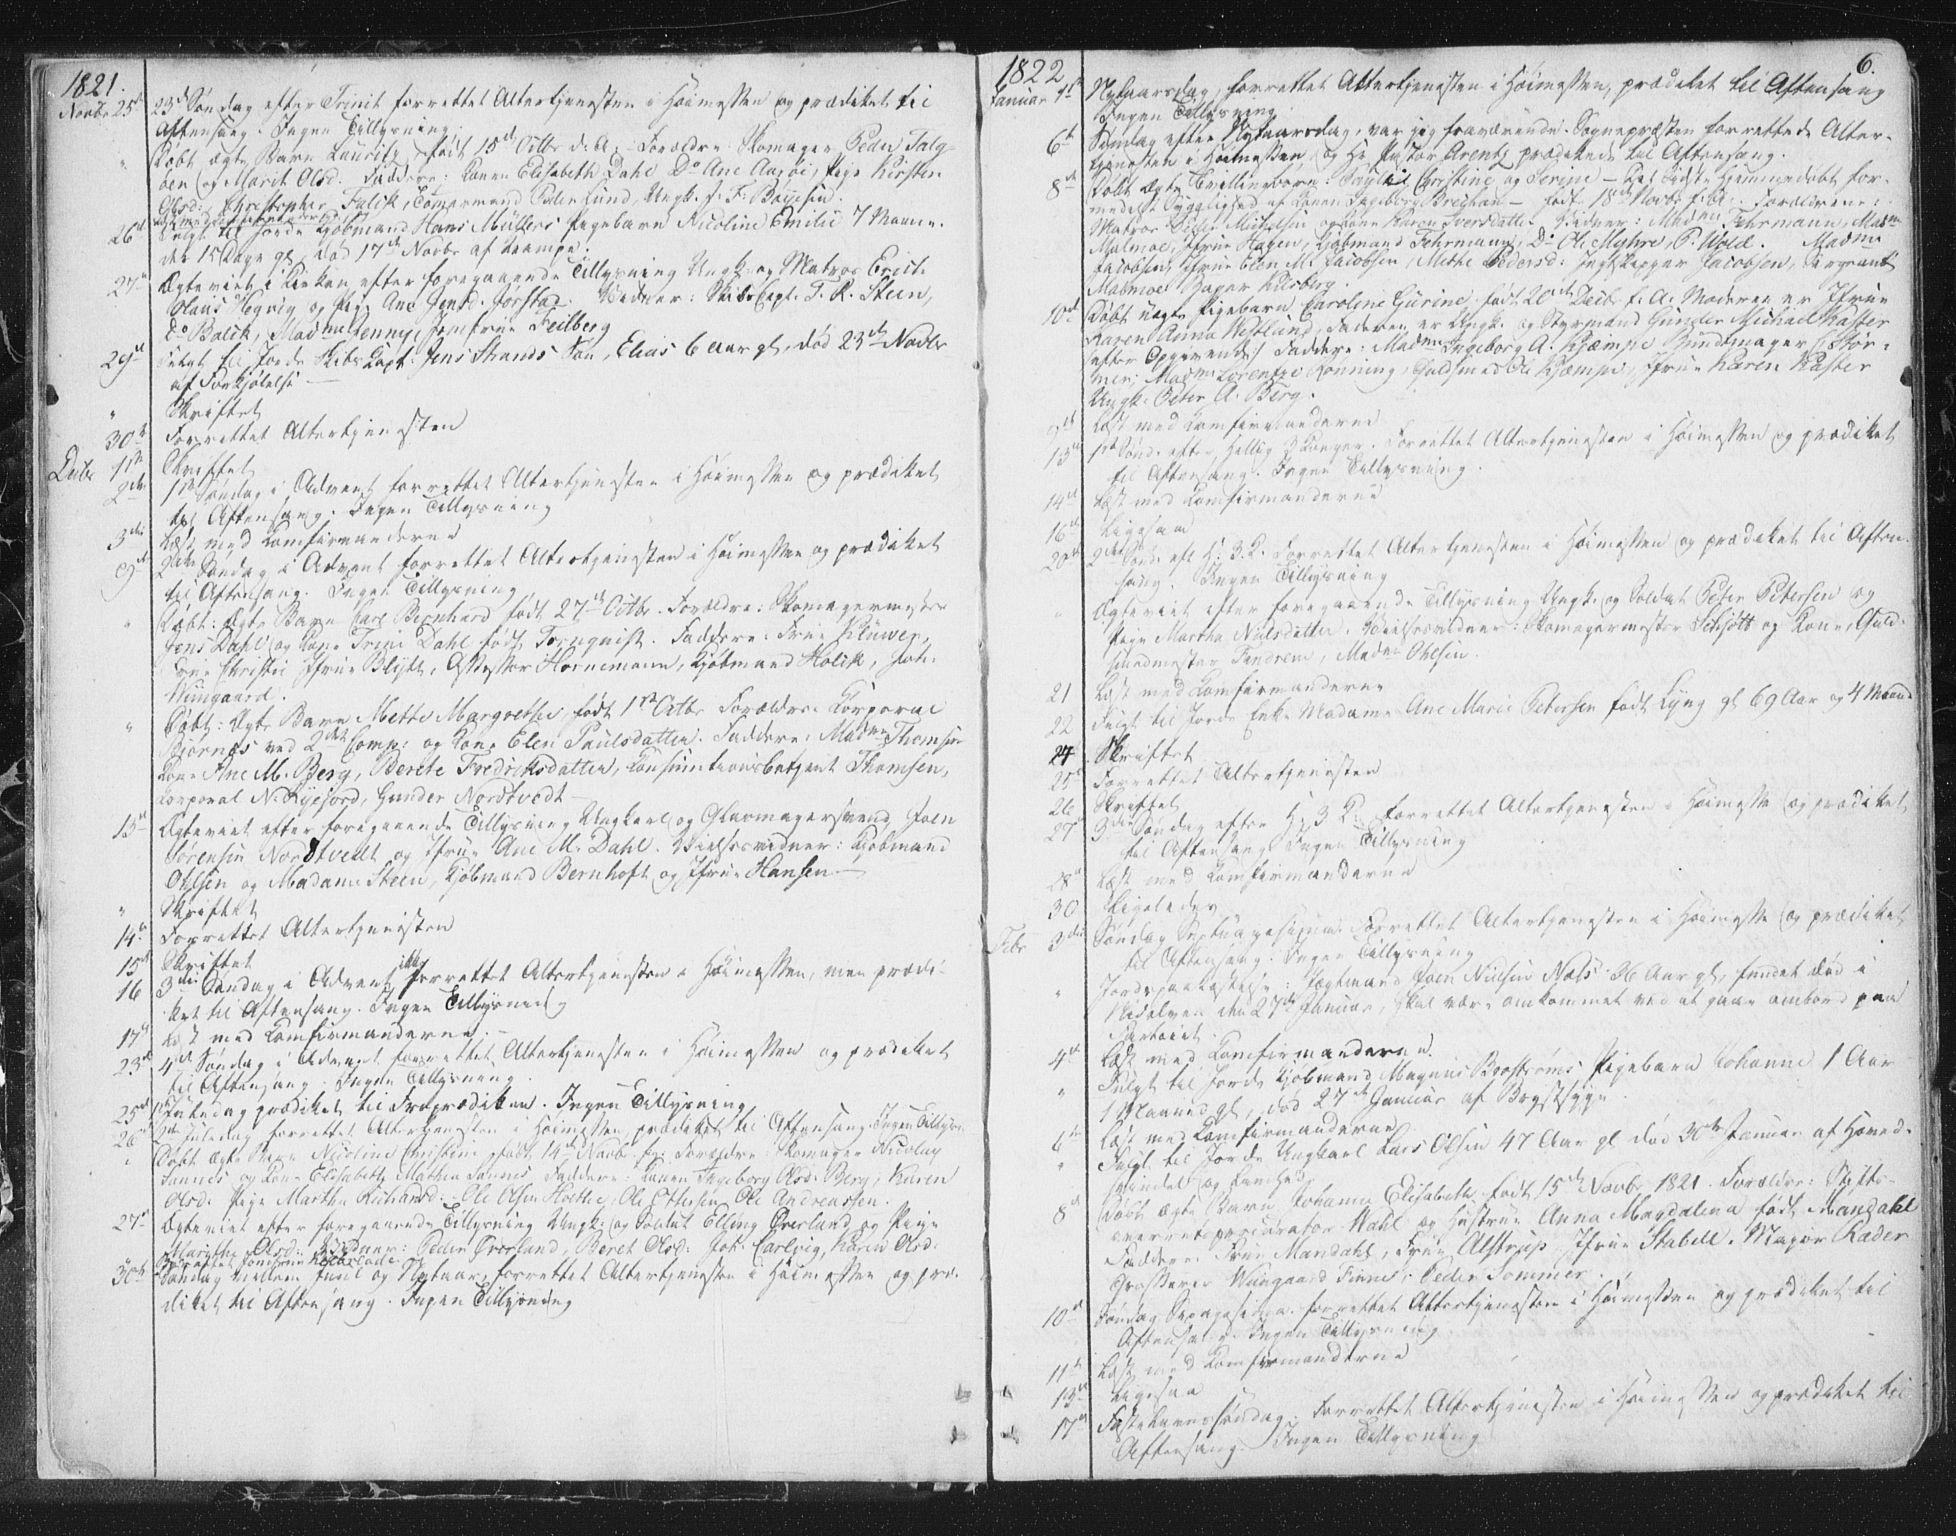 SAT, Ministerialprotokoller, klokkerbøker og fødselsregistre - Sør-Trøndelag, 602/L0127: Residerende kapellans bok nr. 602B01, 1821-1875, s. 6